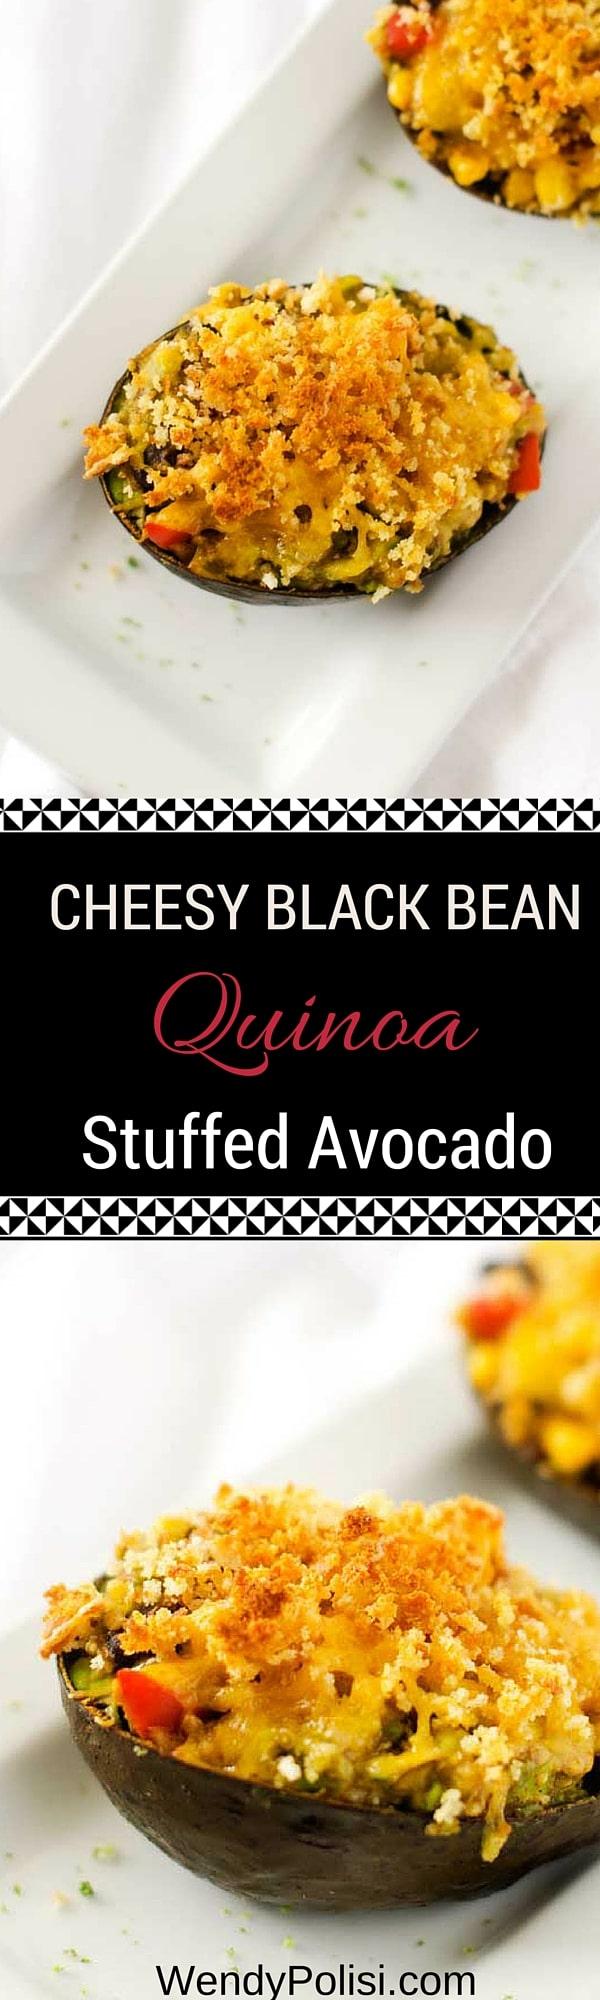 Cheesy Black Bean Quinoa Stuffed Avocado